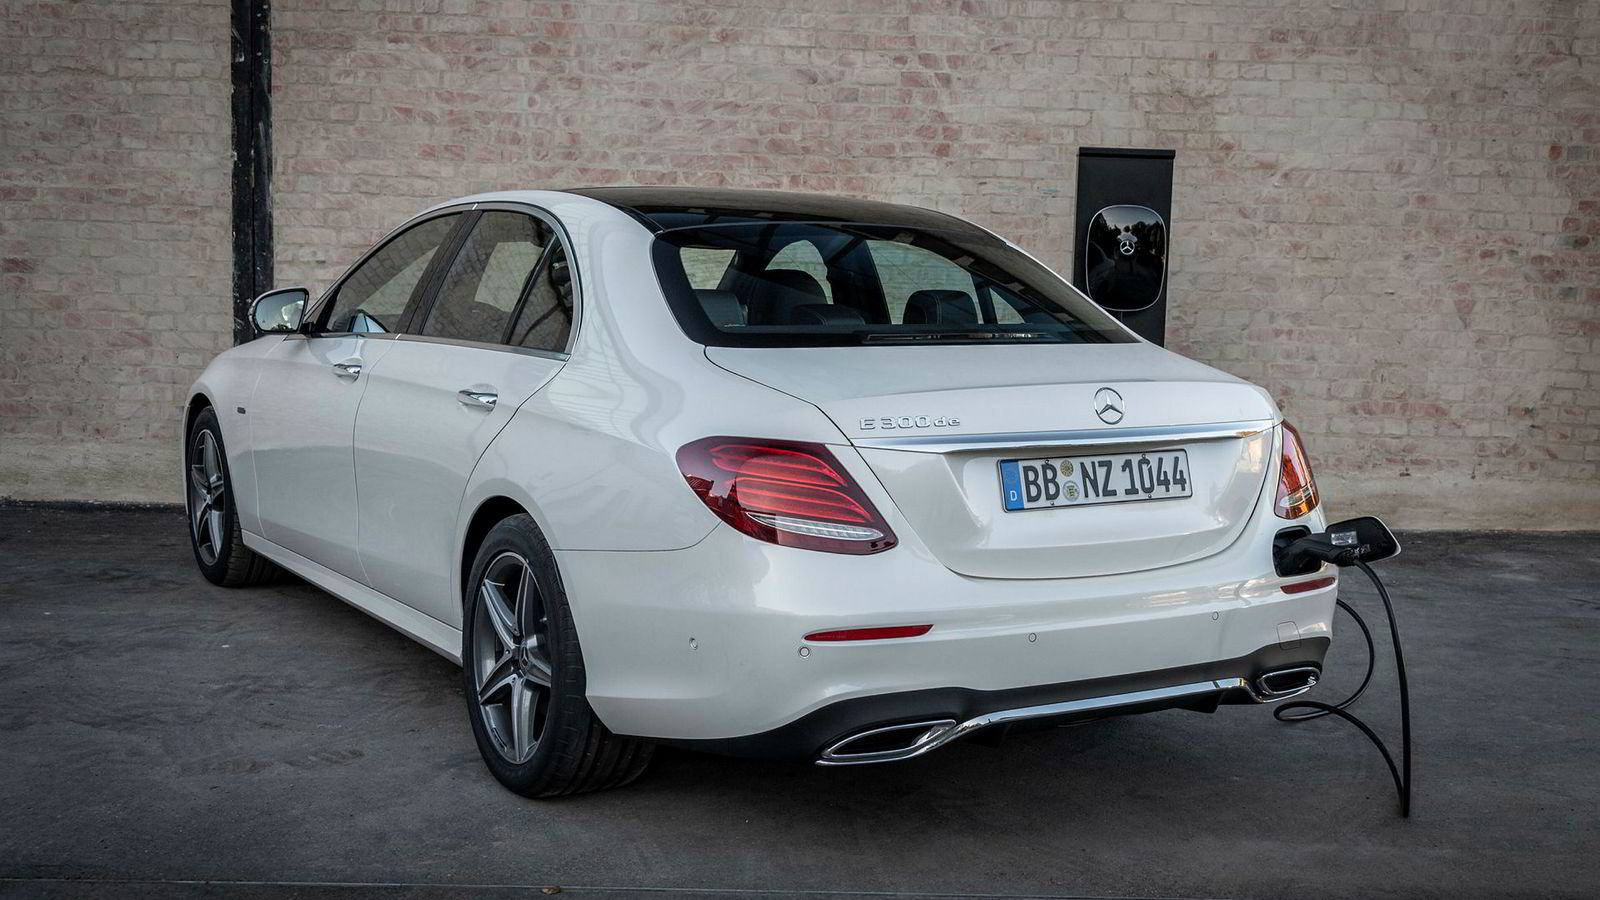 Etter et opphold, kommer i januar Mercedes-Benz med ladbare versjoner av E-klasse igjen. Her er E 300 de i sedanversjon.